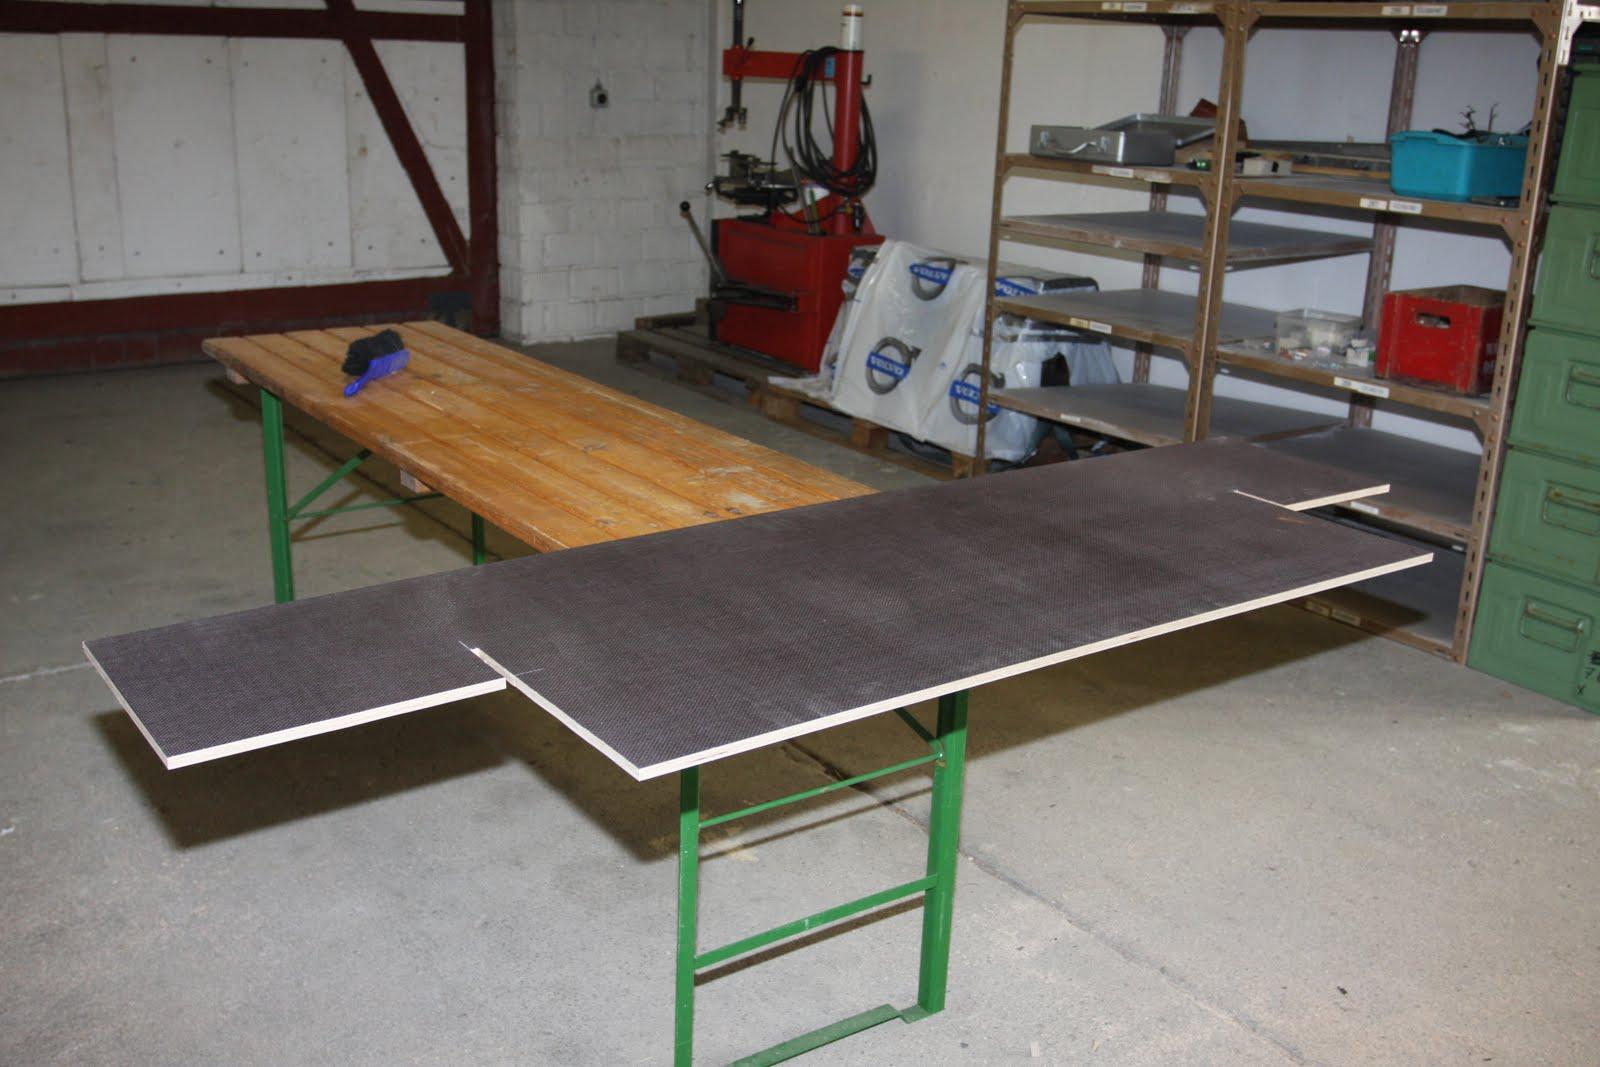 dodge mowag b350 maxi projekt 6 februar 2011 holzboden. Black Bedroom Furniture Sets. Home Design Ideas